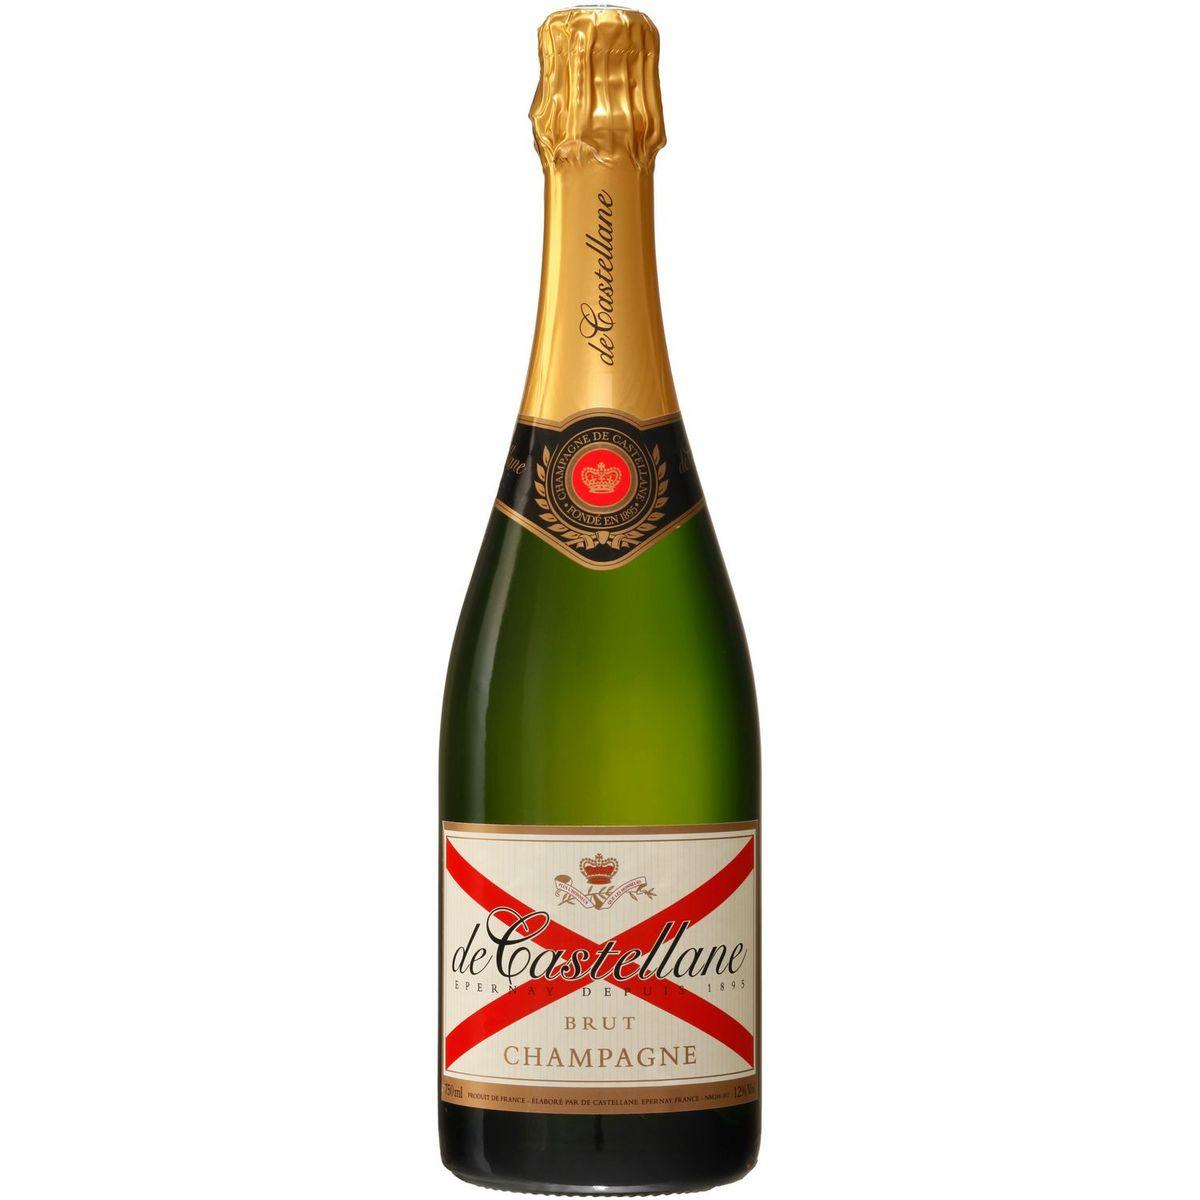 AOP Champagne brut